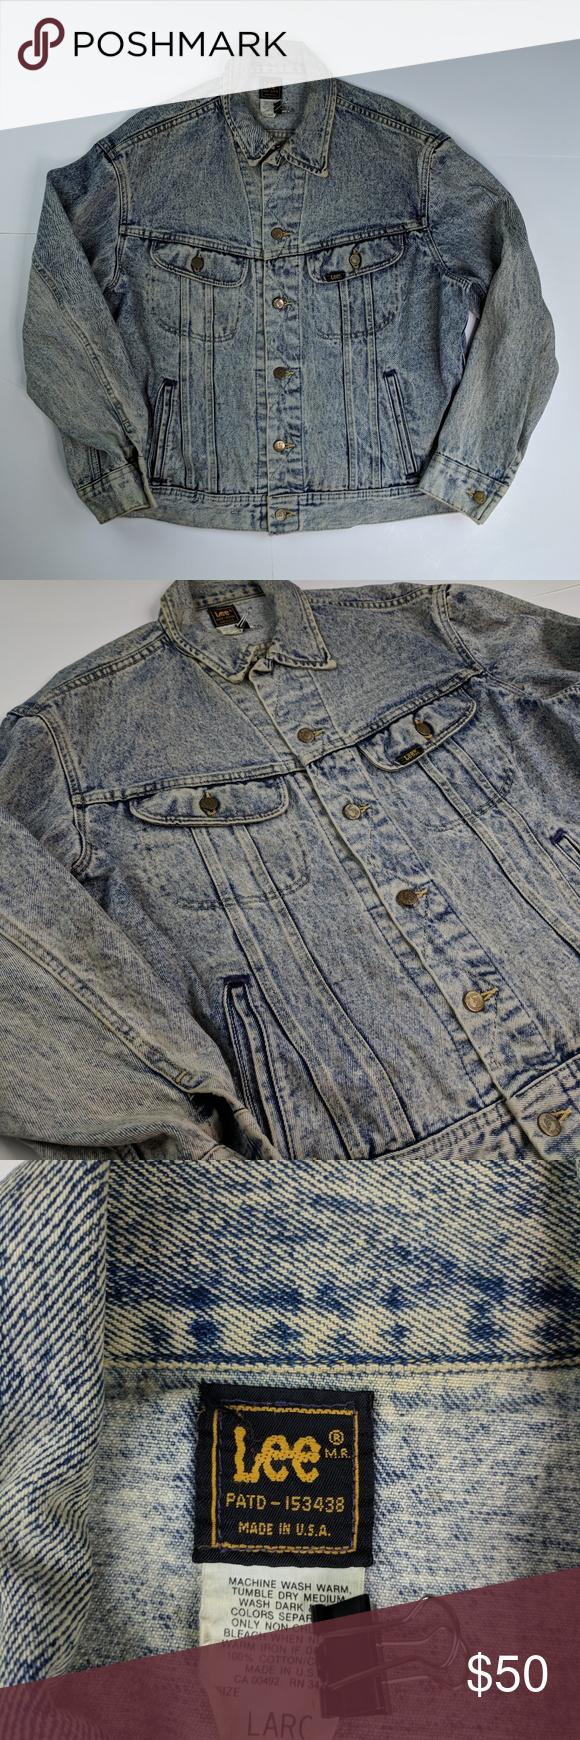 Vintage Lee Rider Jean Jacket Earnhardt Nascar 90s Vintage Jackets Vintage Jacket Rider Jeans